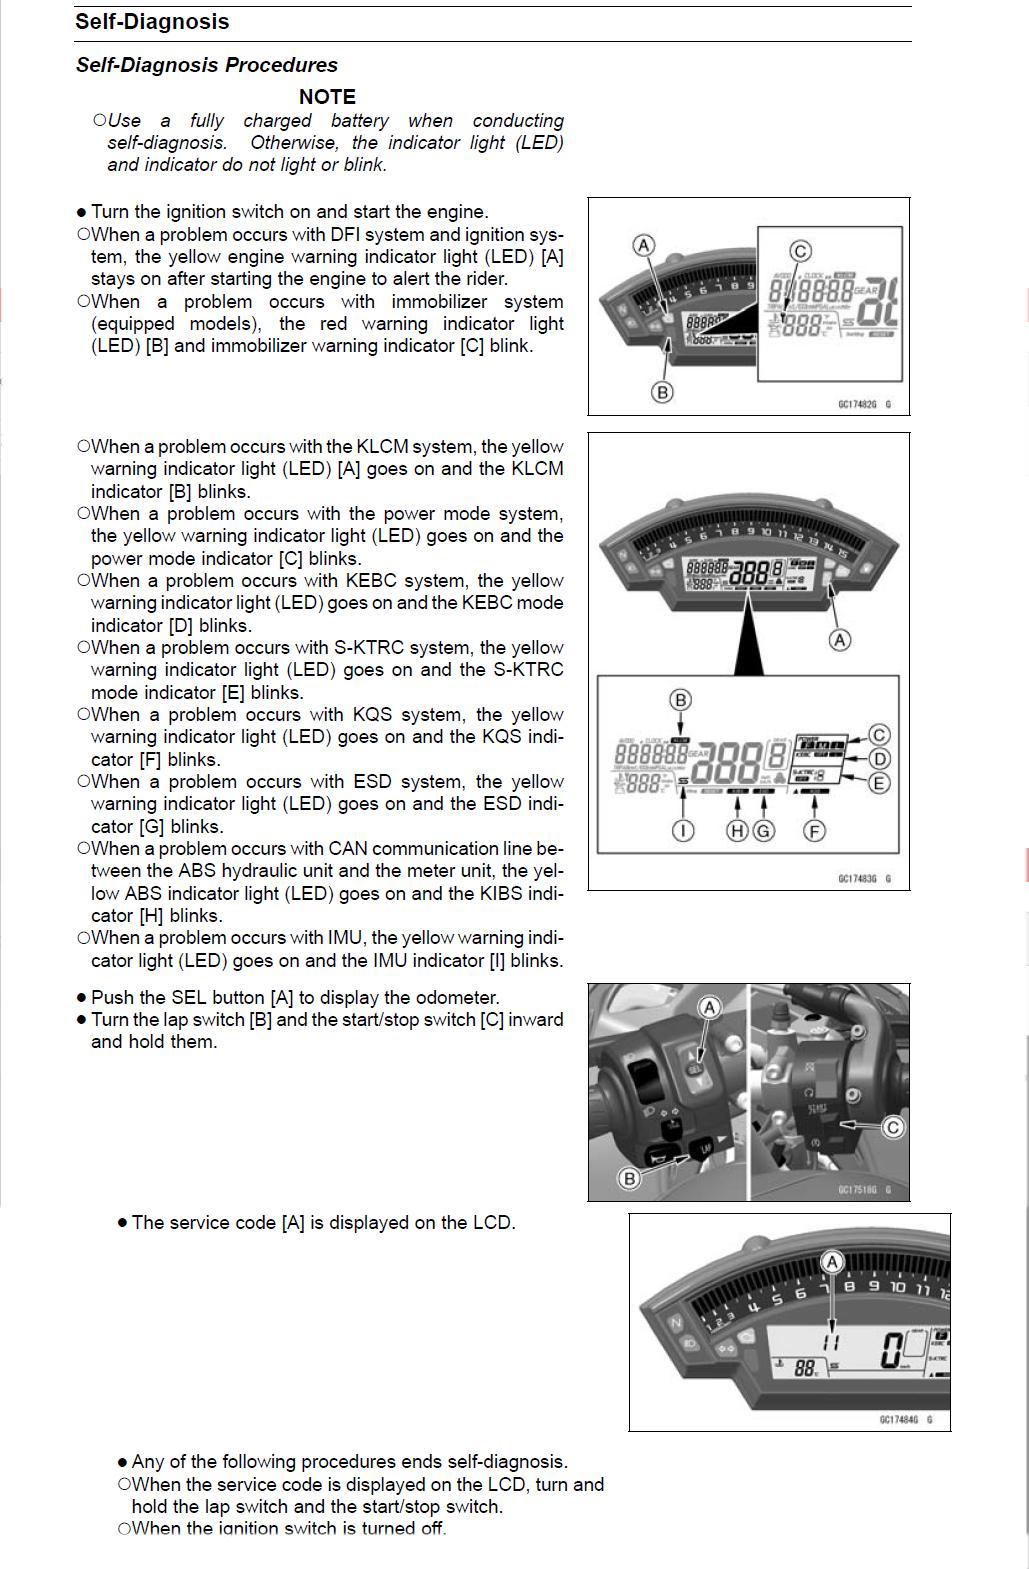 Resetting ECU? - Kawasaki ZX-10R net